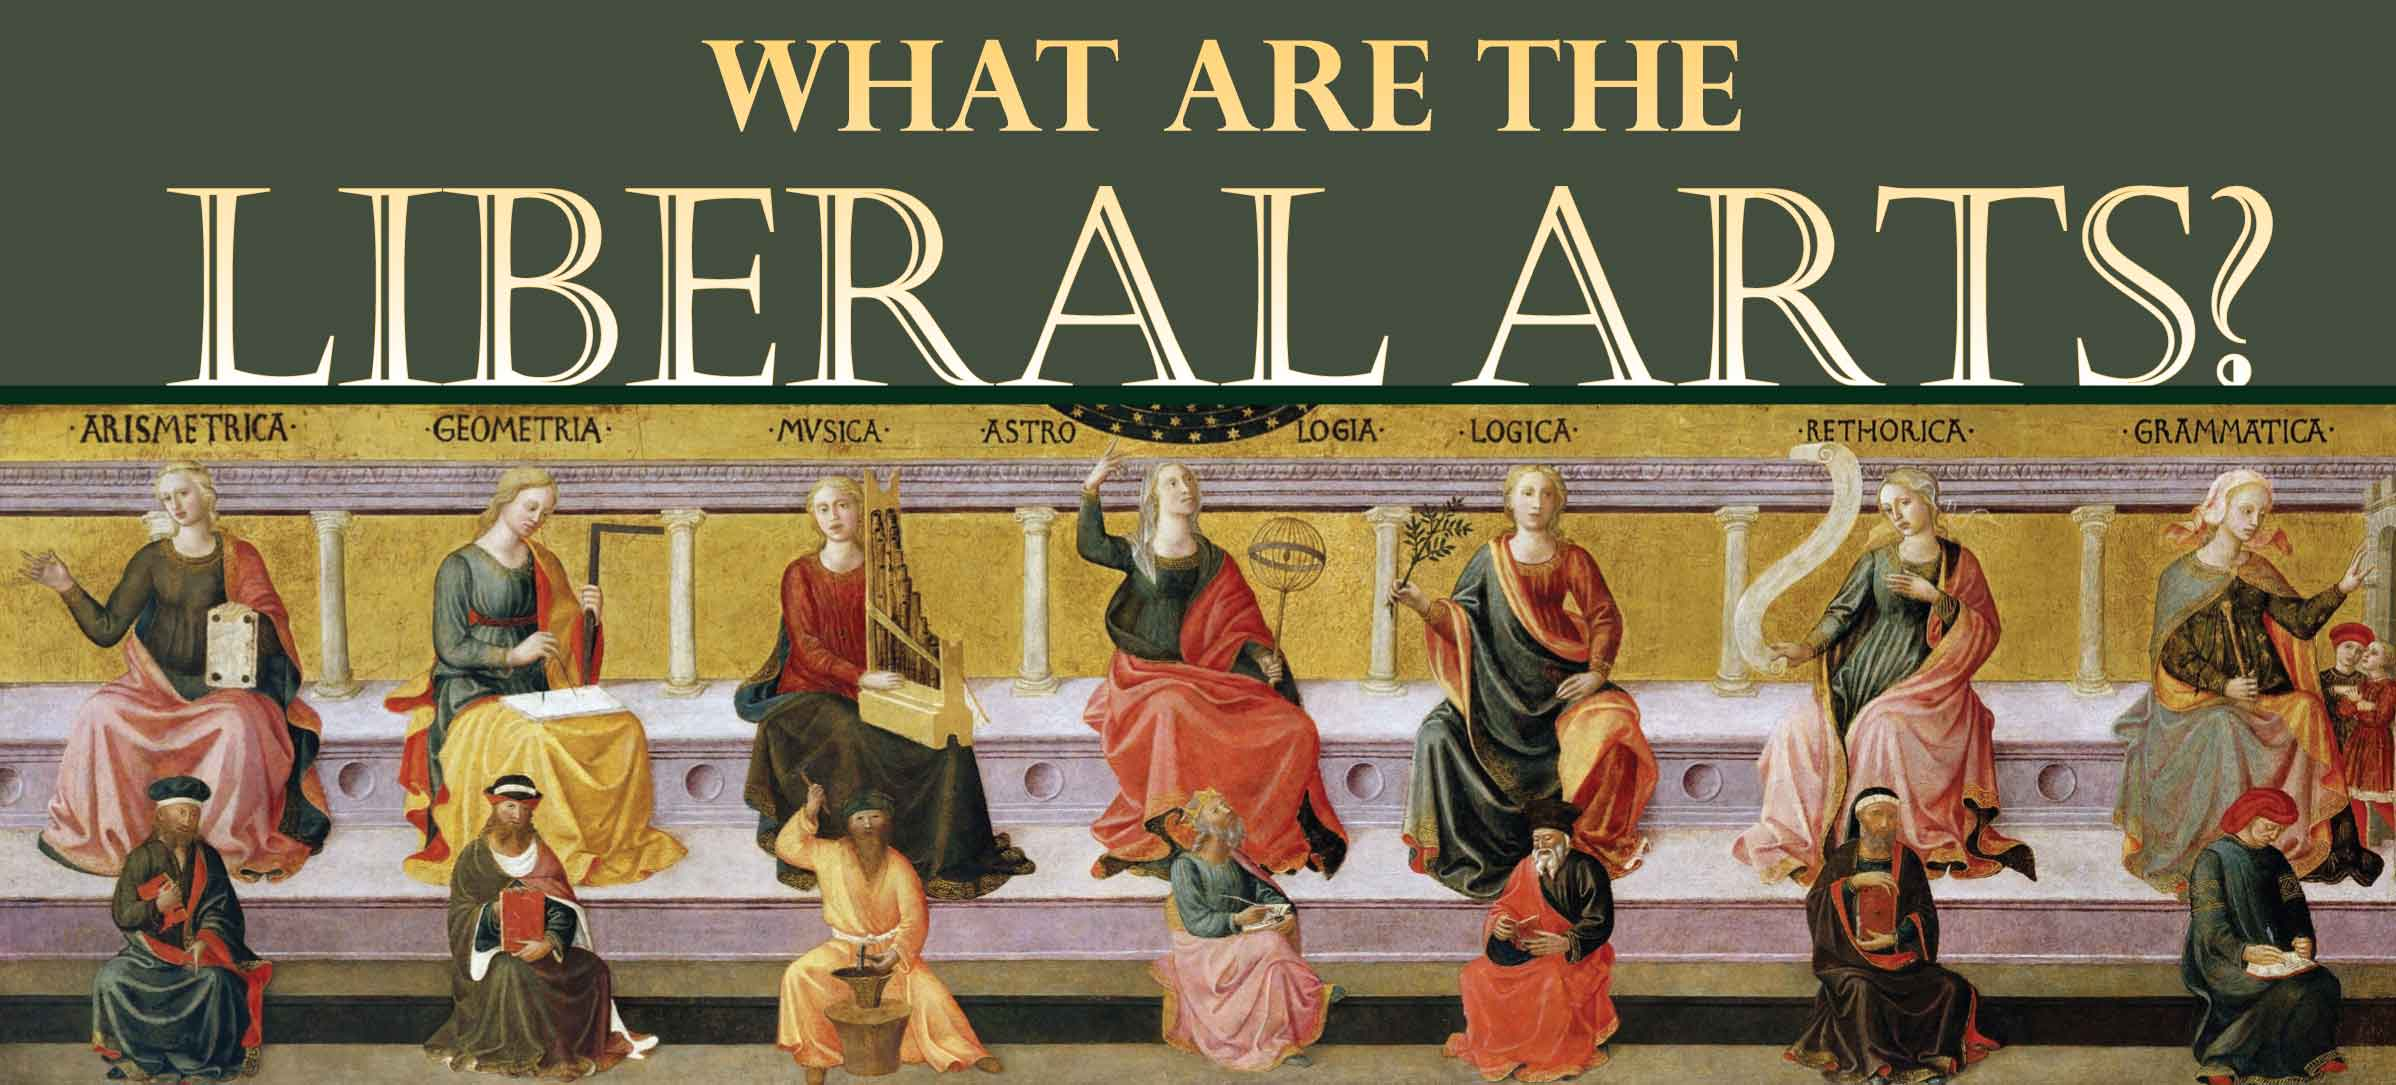 liberal arts du hoc my